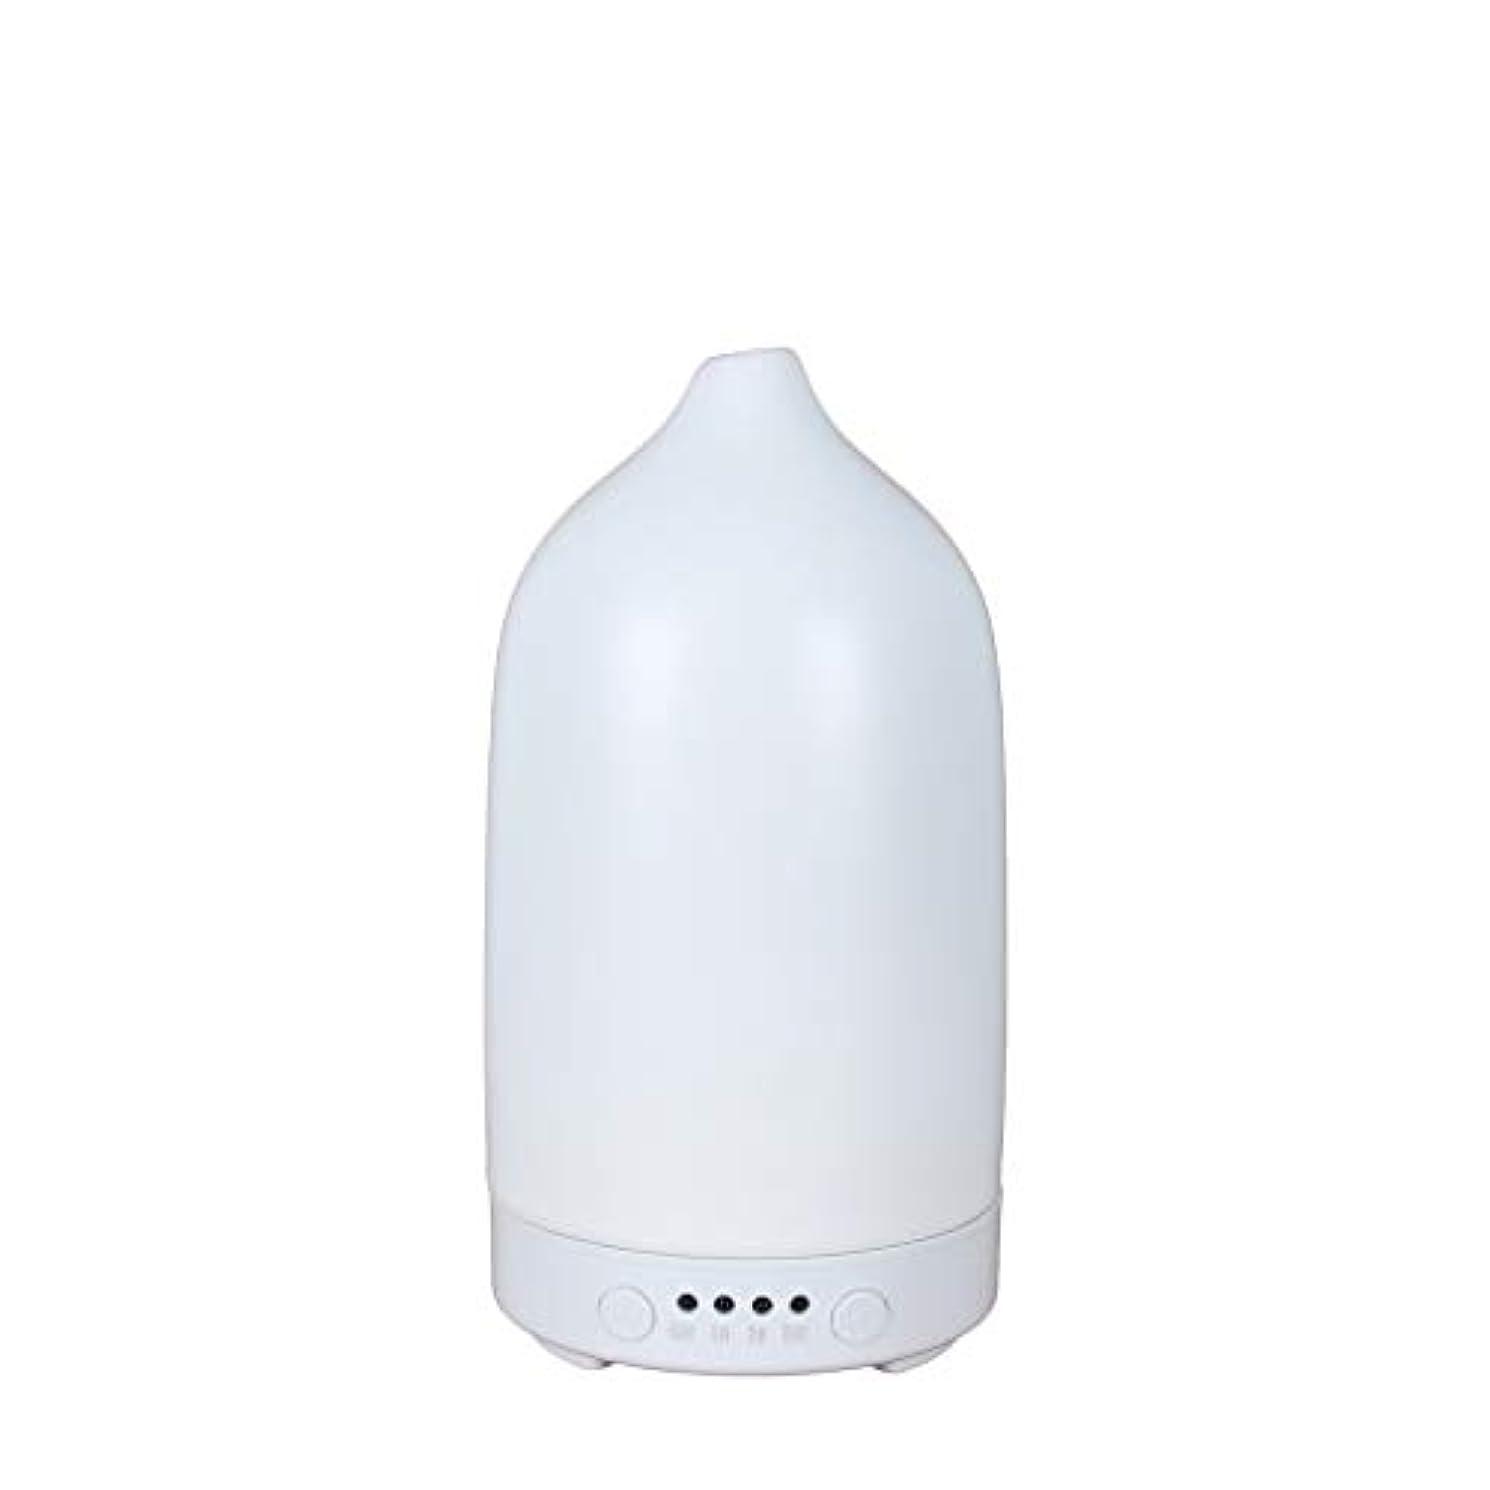 マリナーファンタジーコーヒー加湿器卓上USB型加湿器殺菌加湿エアーフレッシュナー落下水漏れ防止超音波式加湿器超音波式卓上型大容量超静音長時間連続運転乾燥対策調整可能なミストブロー消音 (A)